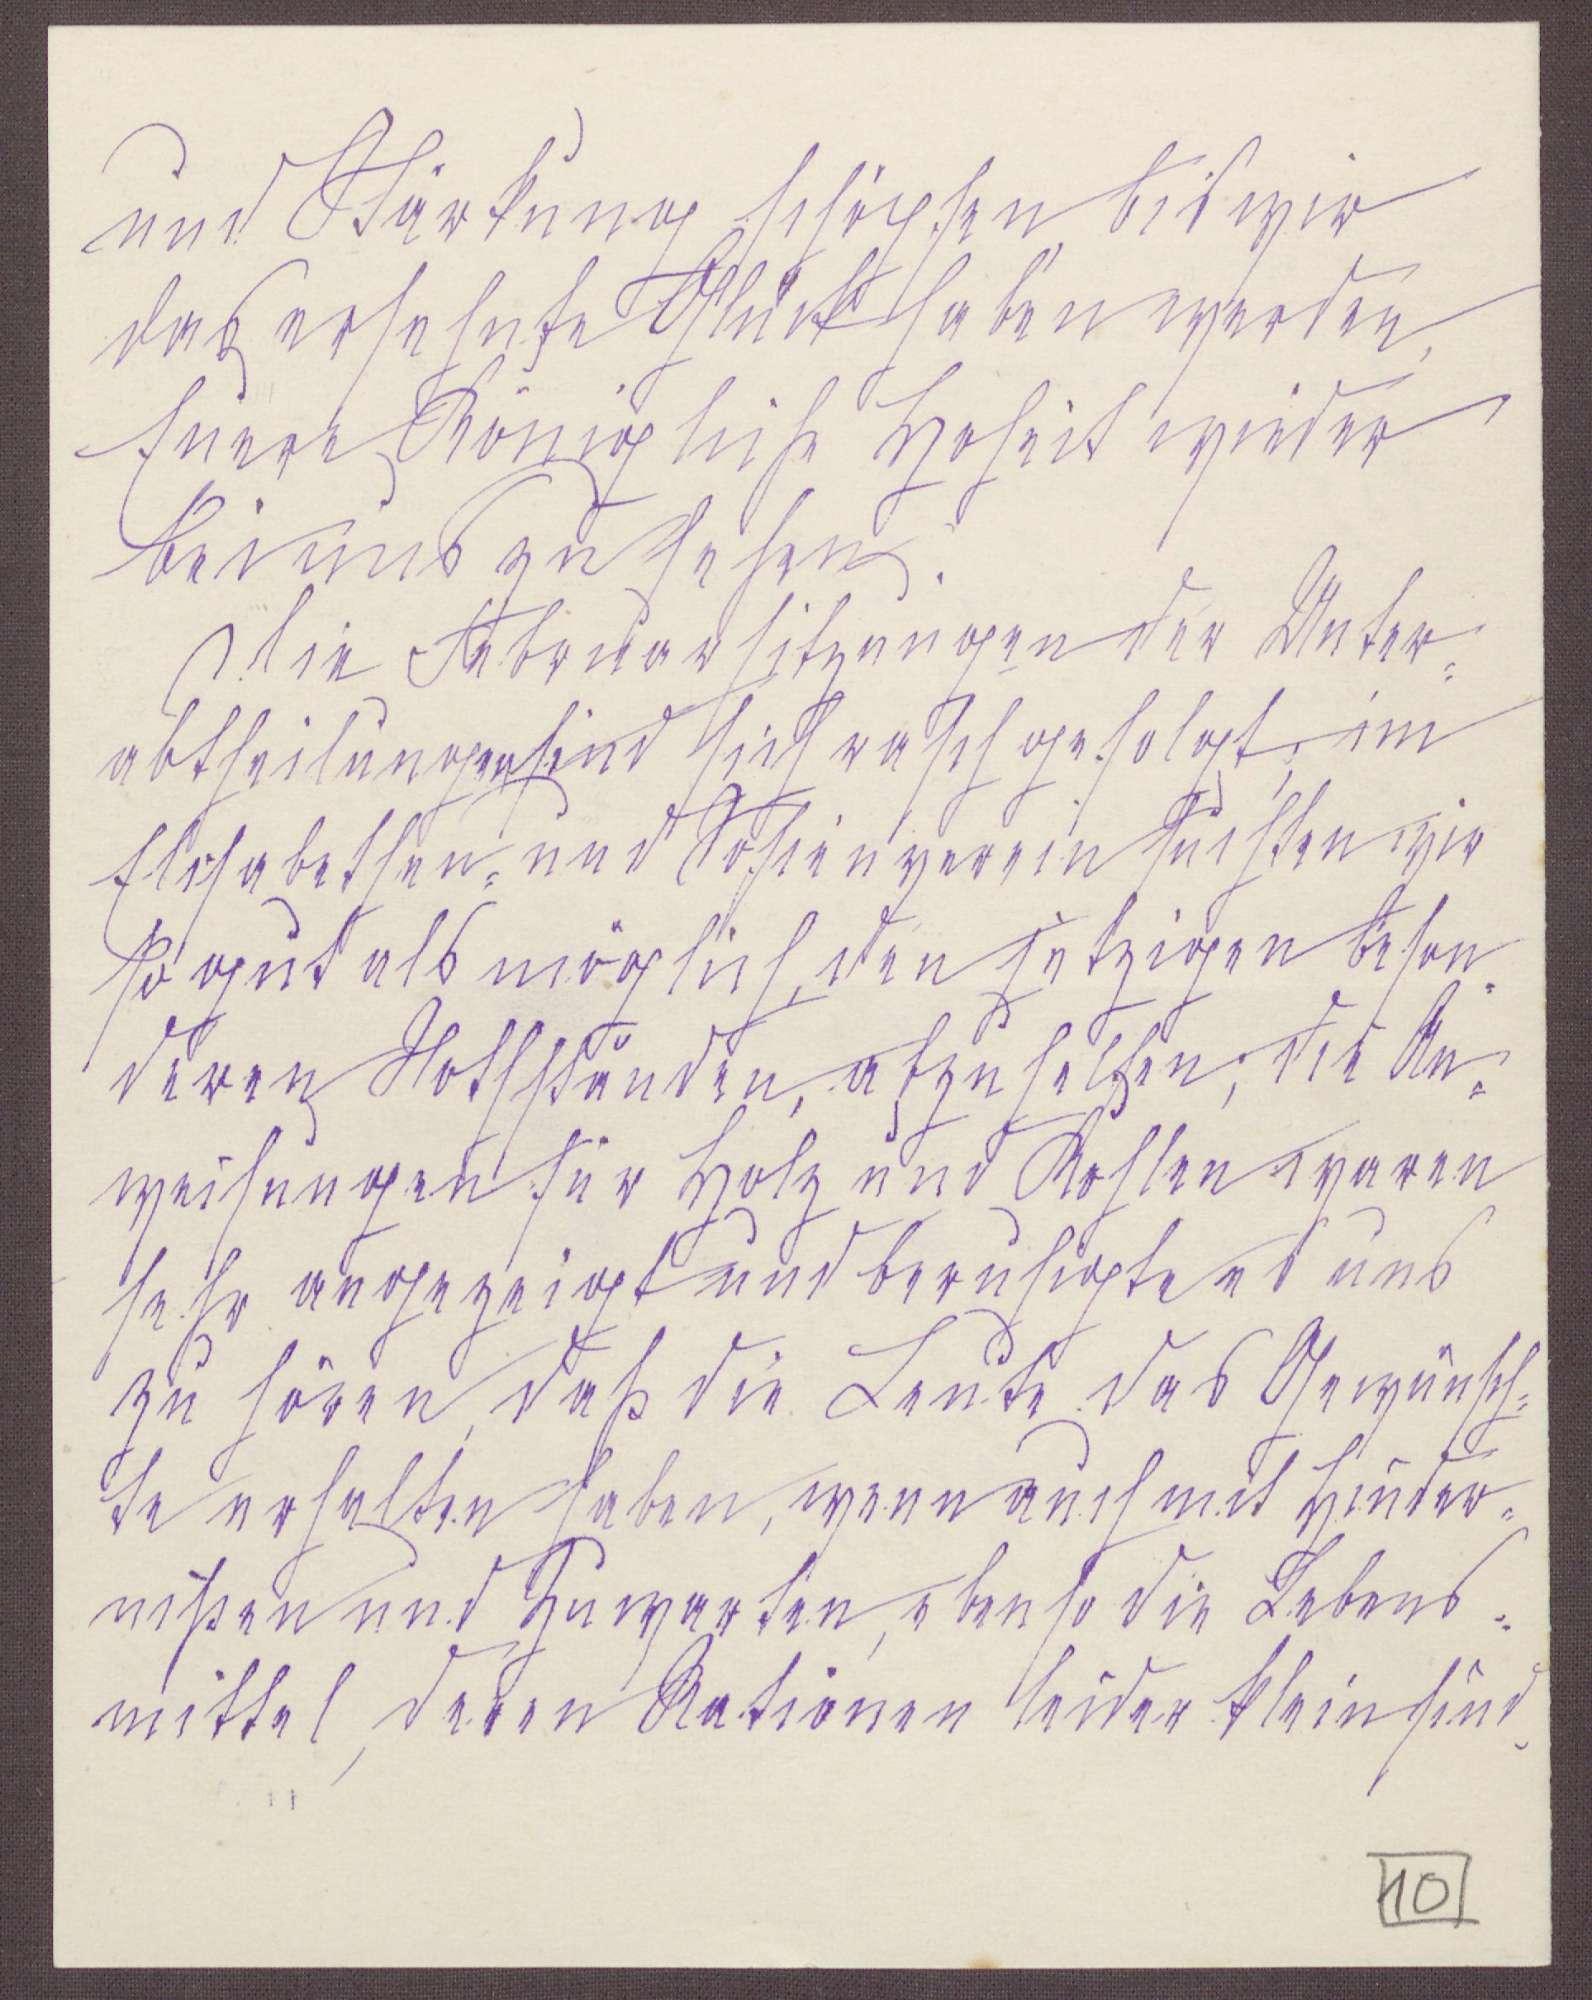 Schreiben von Anna Haas an die Großherzogin Luise; Leben mit knappen Nahrungsmittelrationen und der Zwang zum Sparen von Holz und Kohle; Frage der Unterhaltung einzelner Schulen, Bild 3